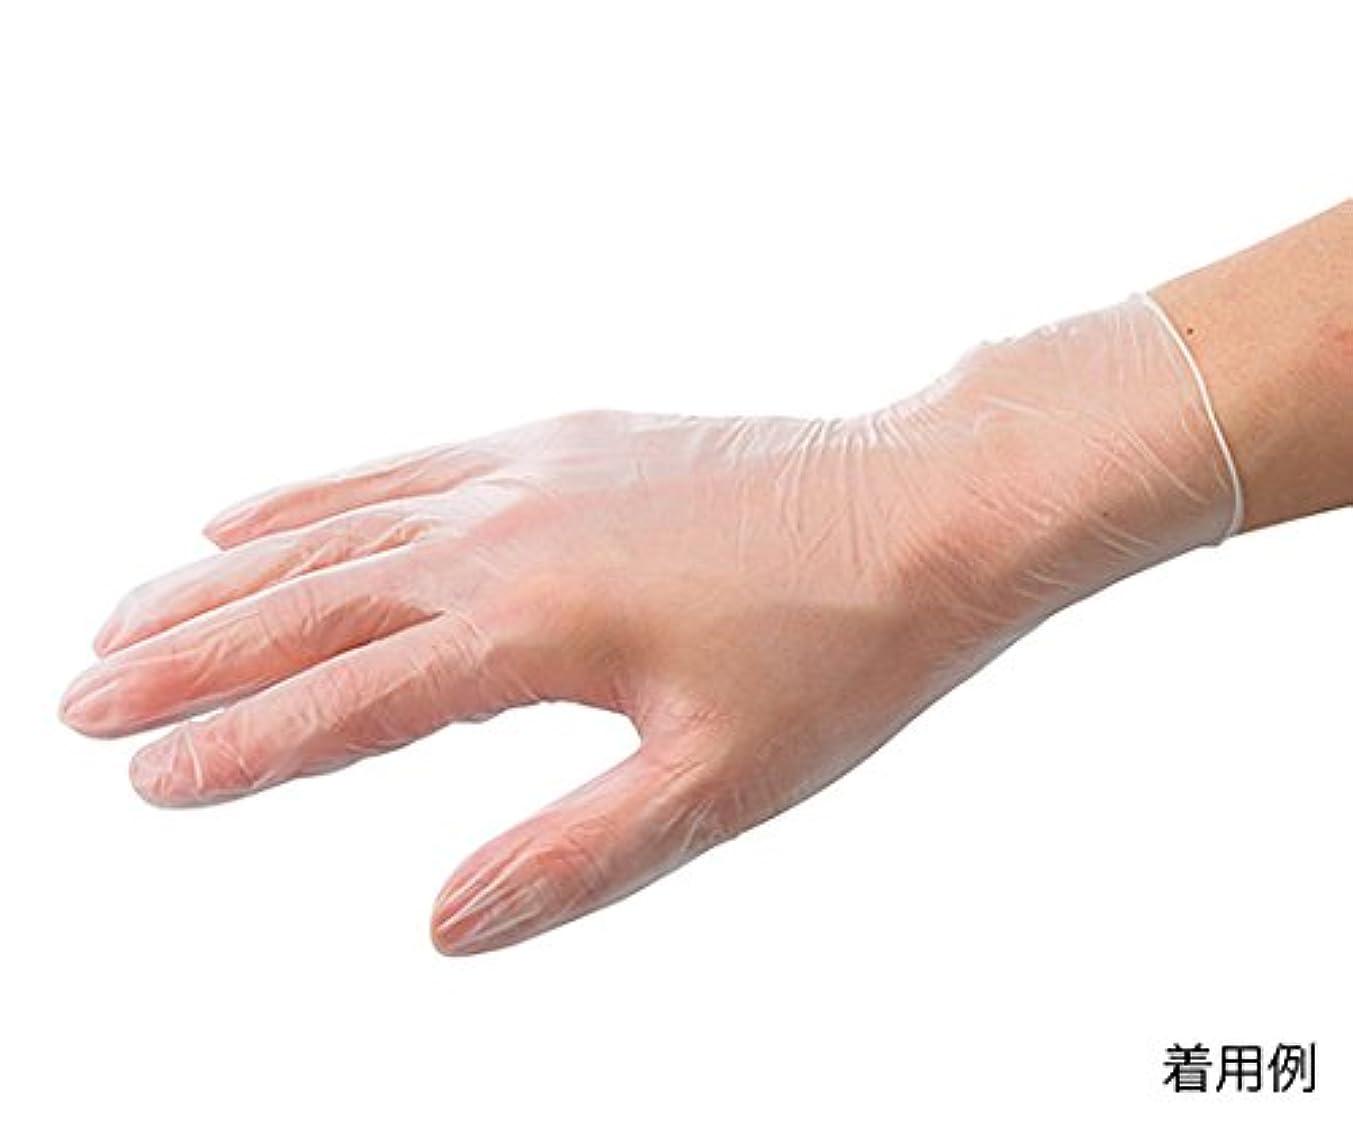 スロベニア退屈ステレオARメディコム?インク?アジアリミテッド7-3727-02バイタルプラスチック手袋(パウダー付き)M150枚入